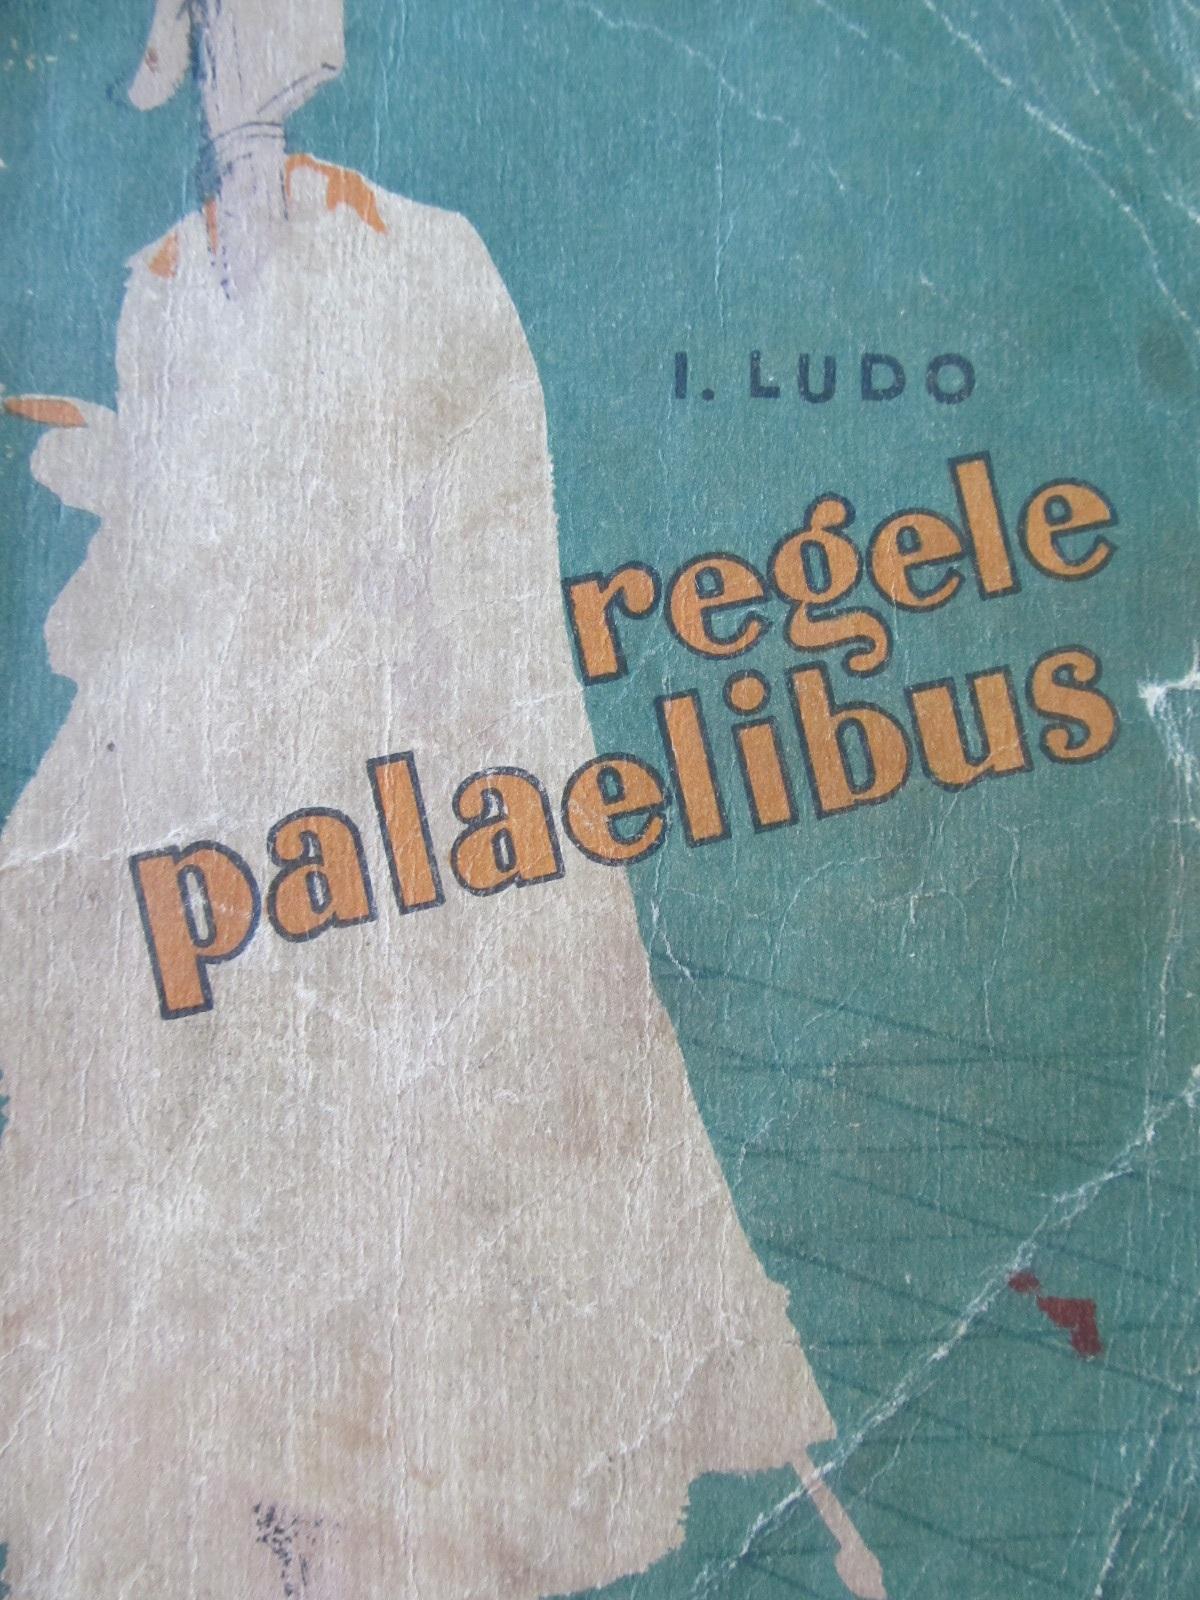 Regele Palaelibus - I. Ludo | Detalii carte